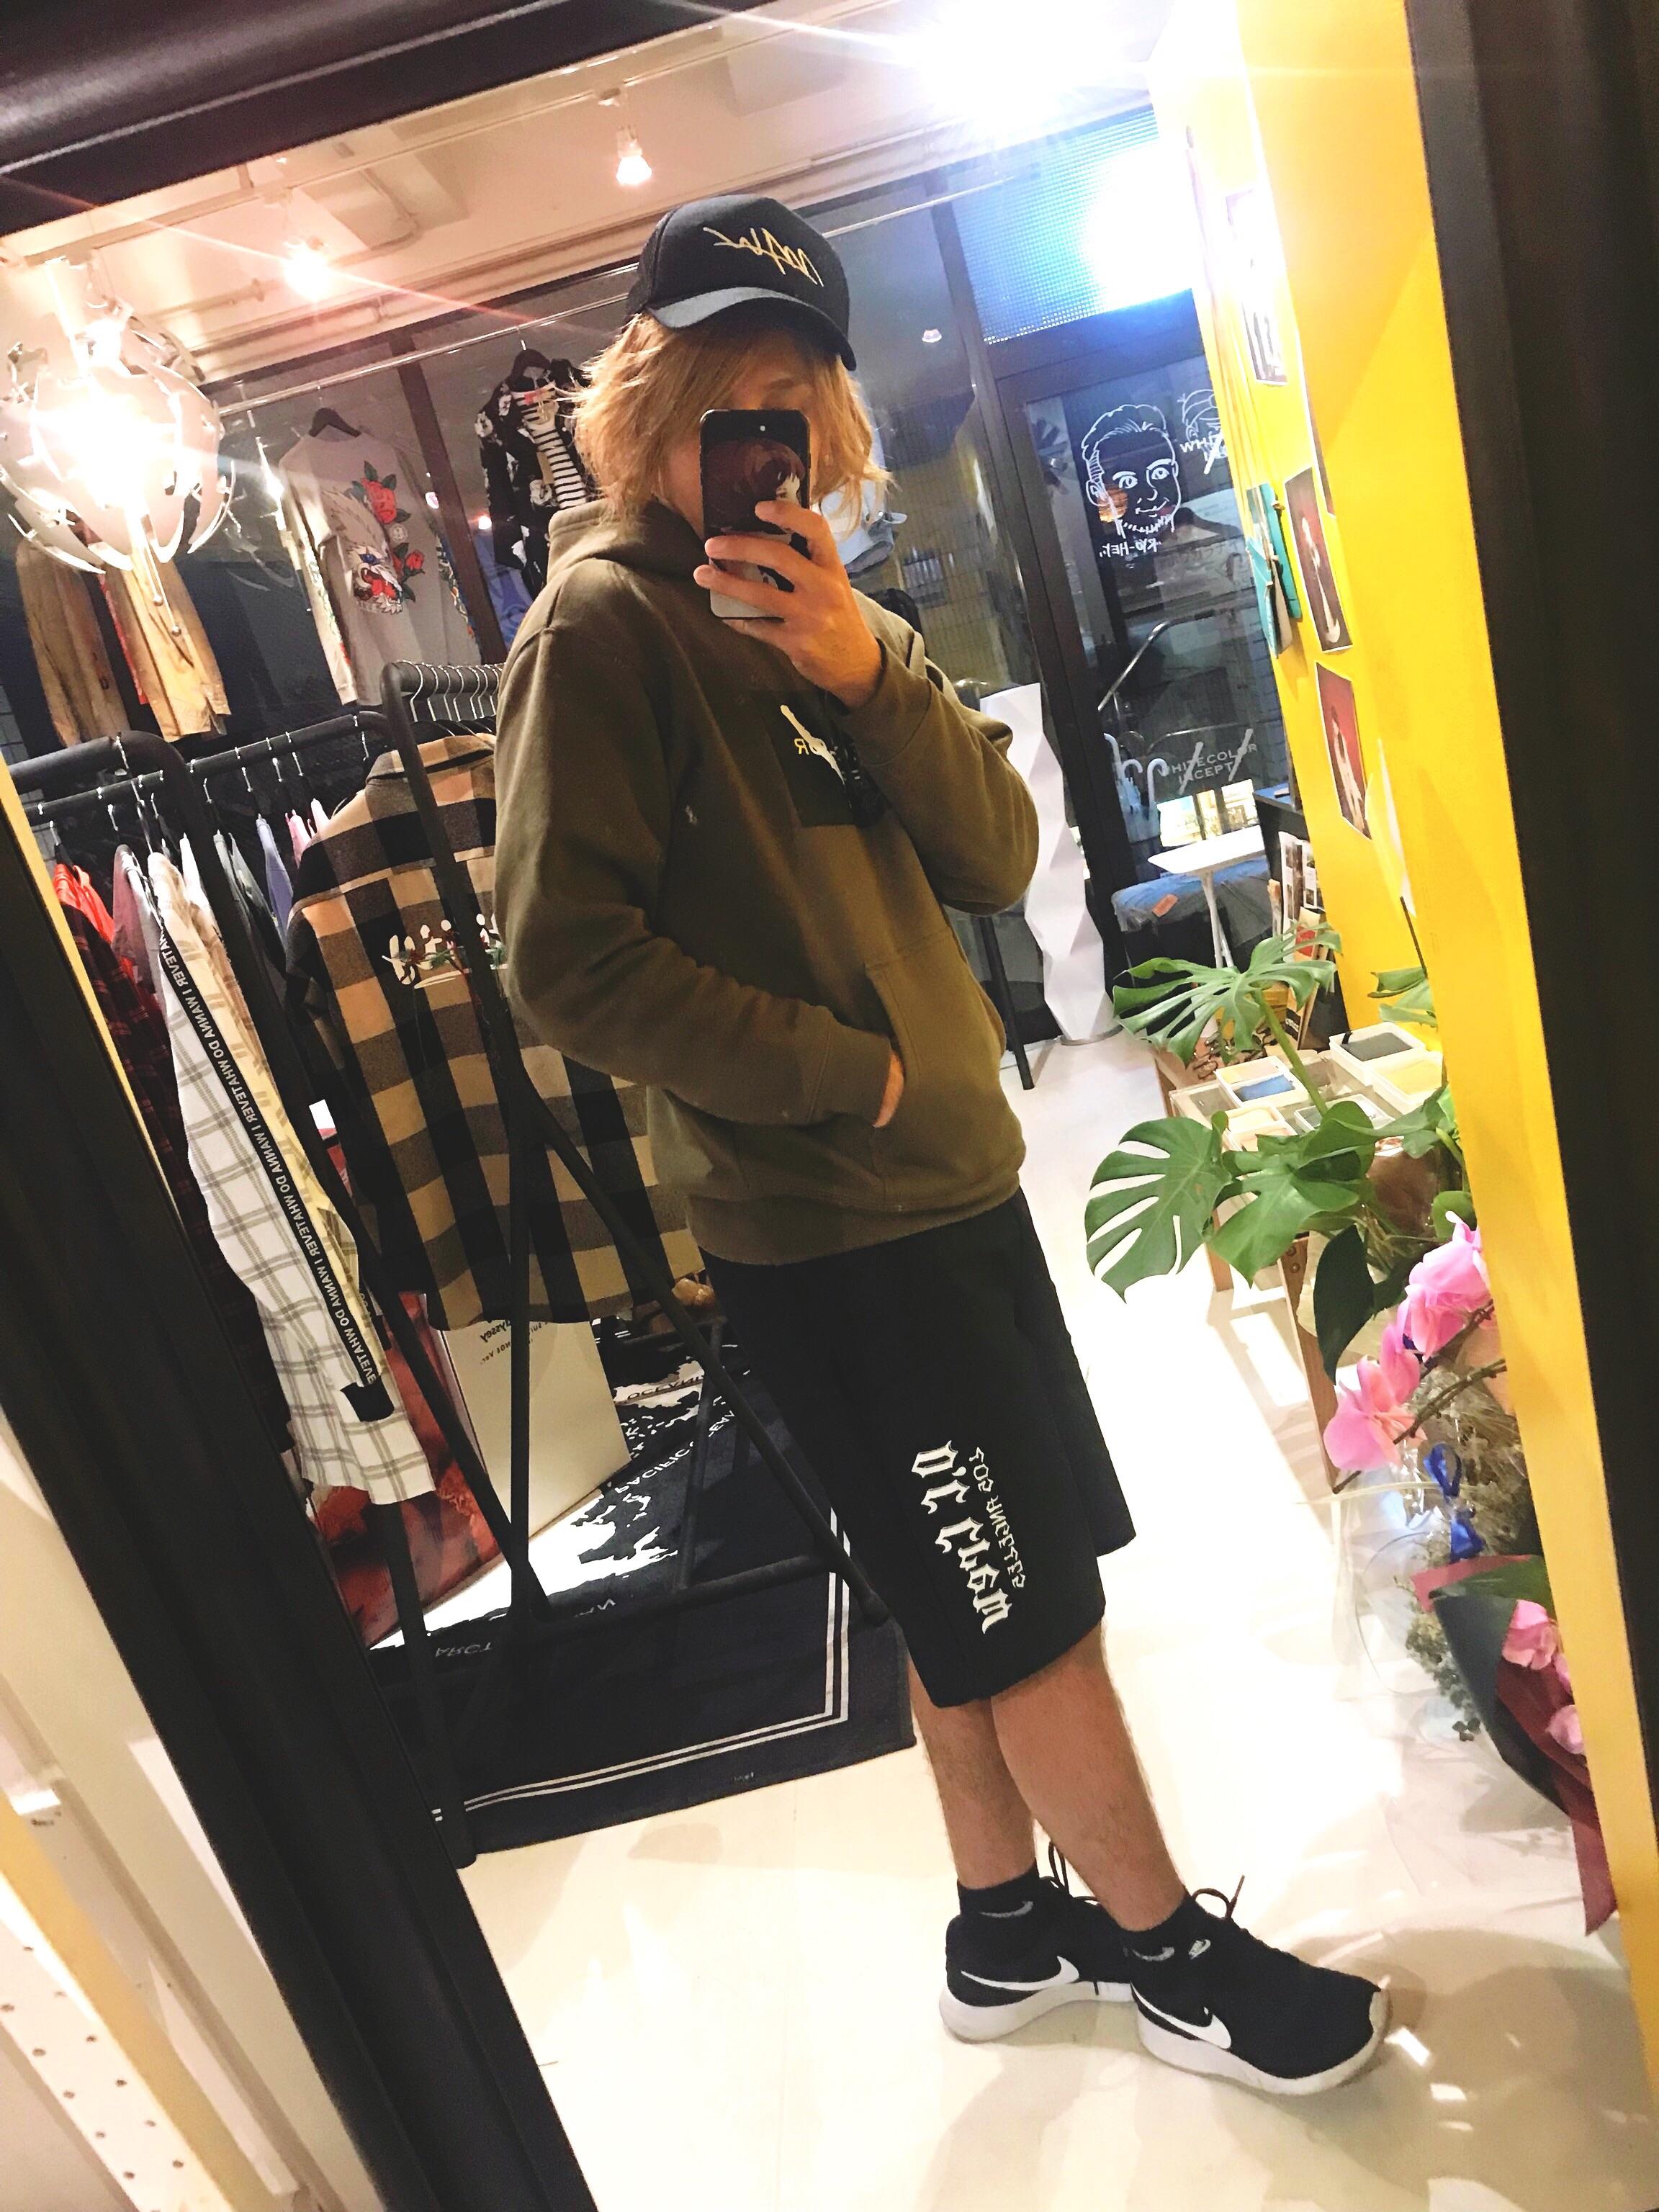 f:id:Yosuke0912:20181024223152j:image